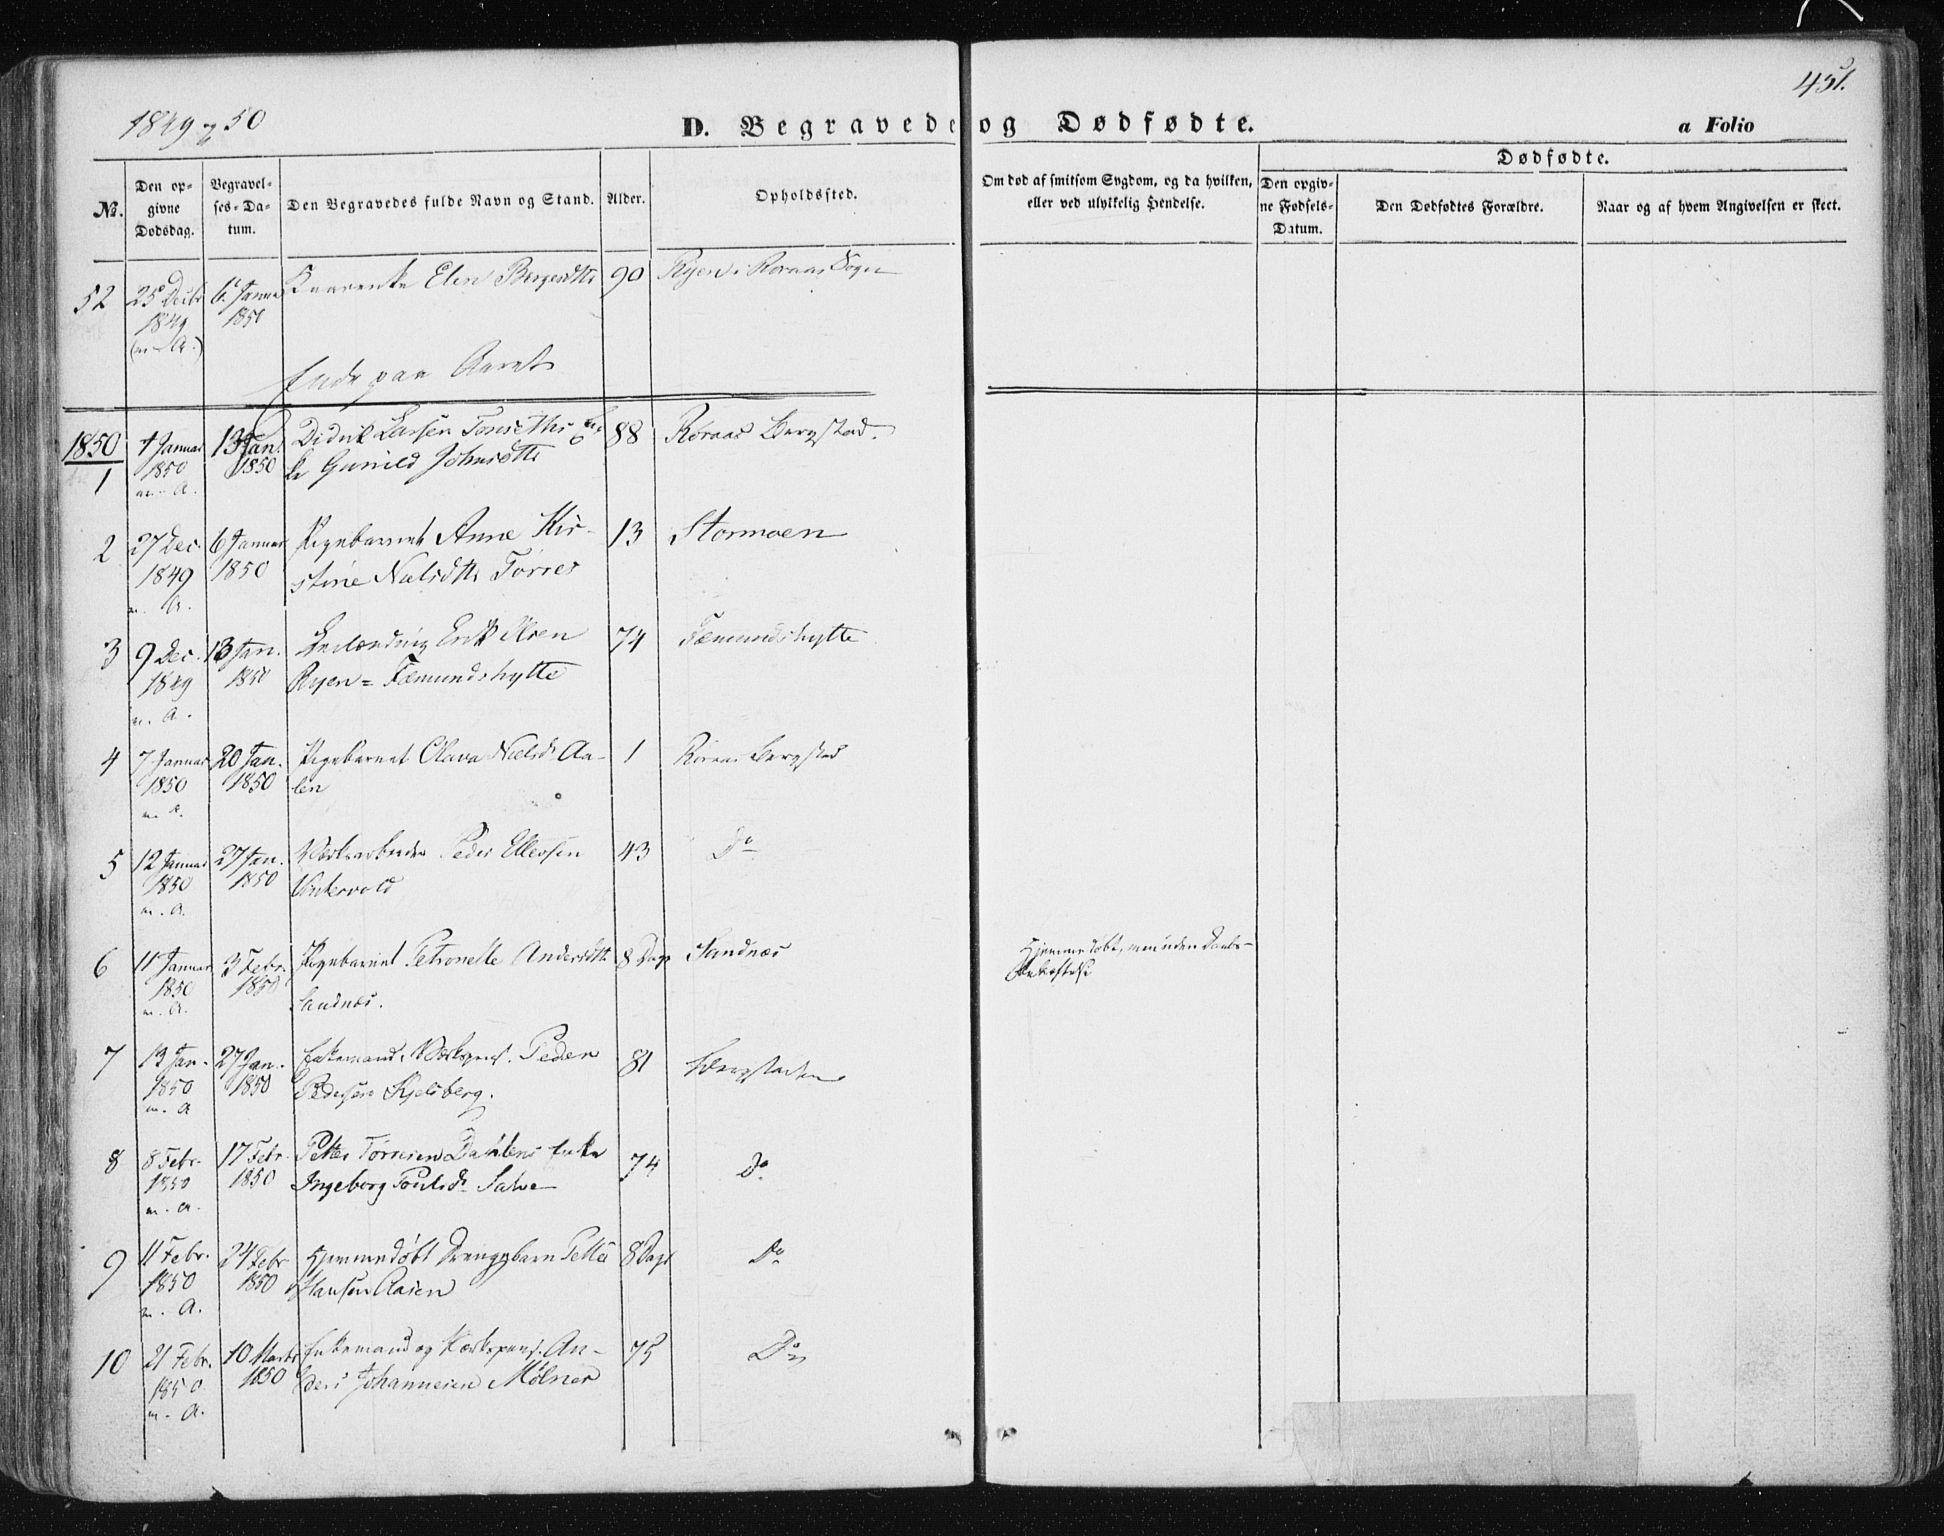 SAT, Ministerialprotokoller, klokkerbøker og fødselsregistre - Sør-Trøndelag, 681/L0931: Ministerialbok nr. 681A09, 1845-1859, s. 451